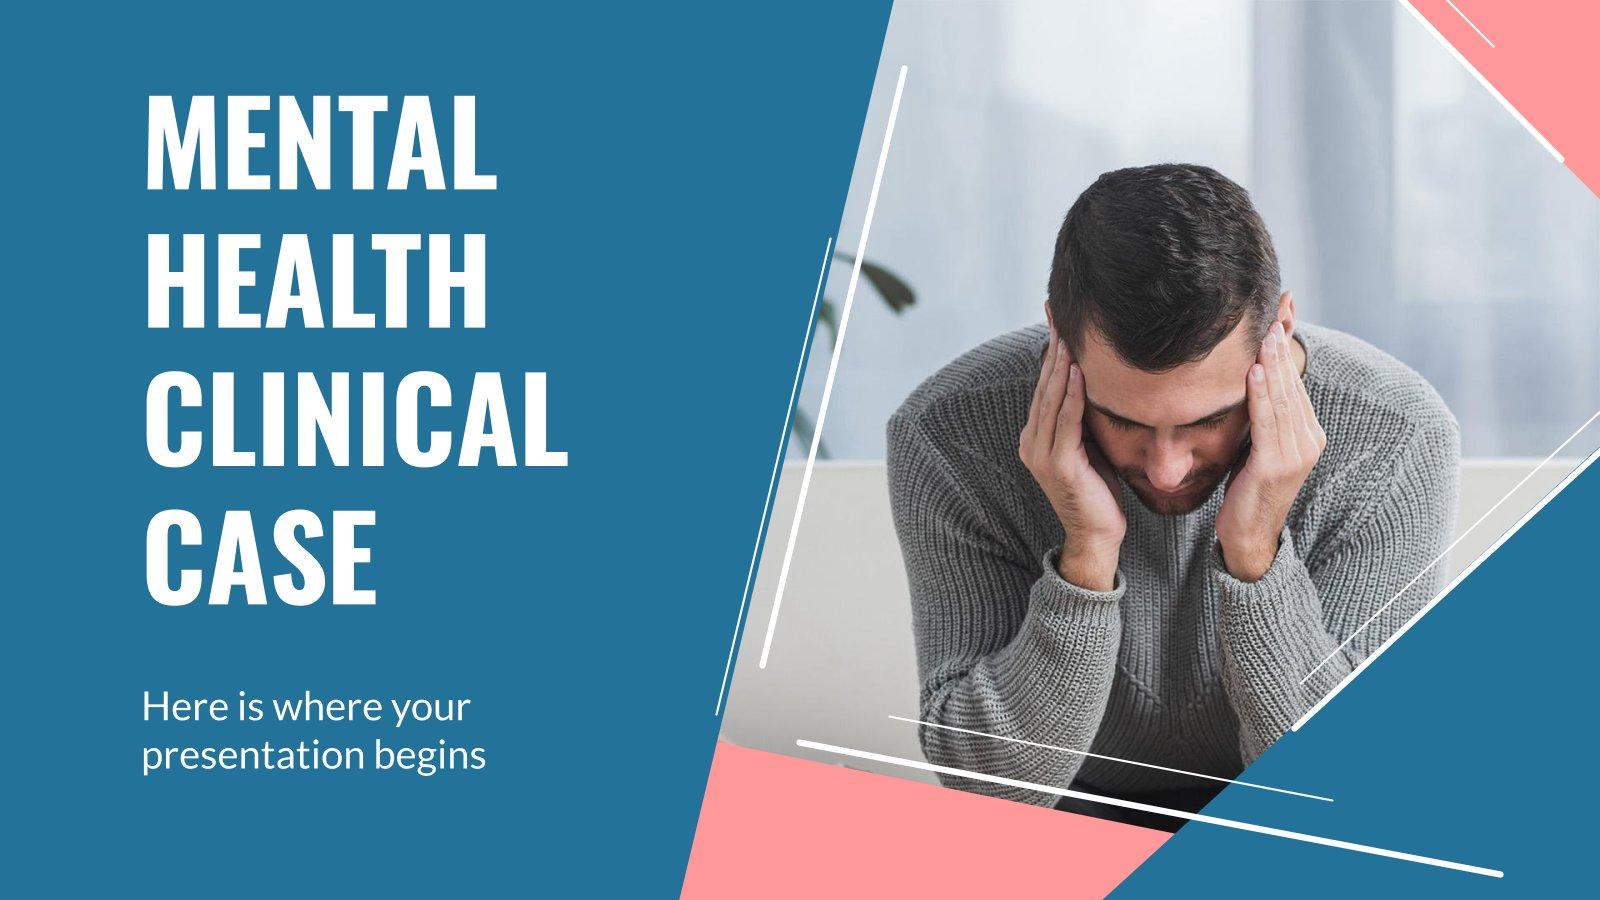 Klinischer Fall für psychische Gesundheit Präsentationsvorlage